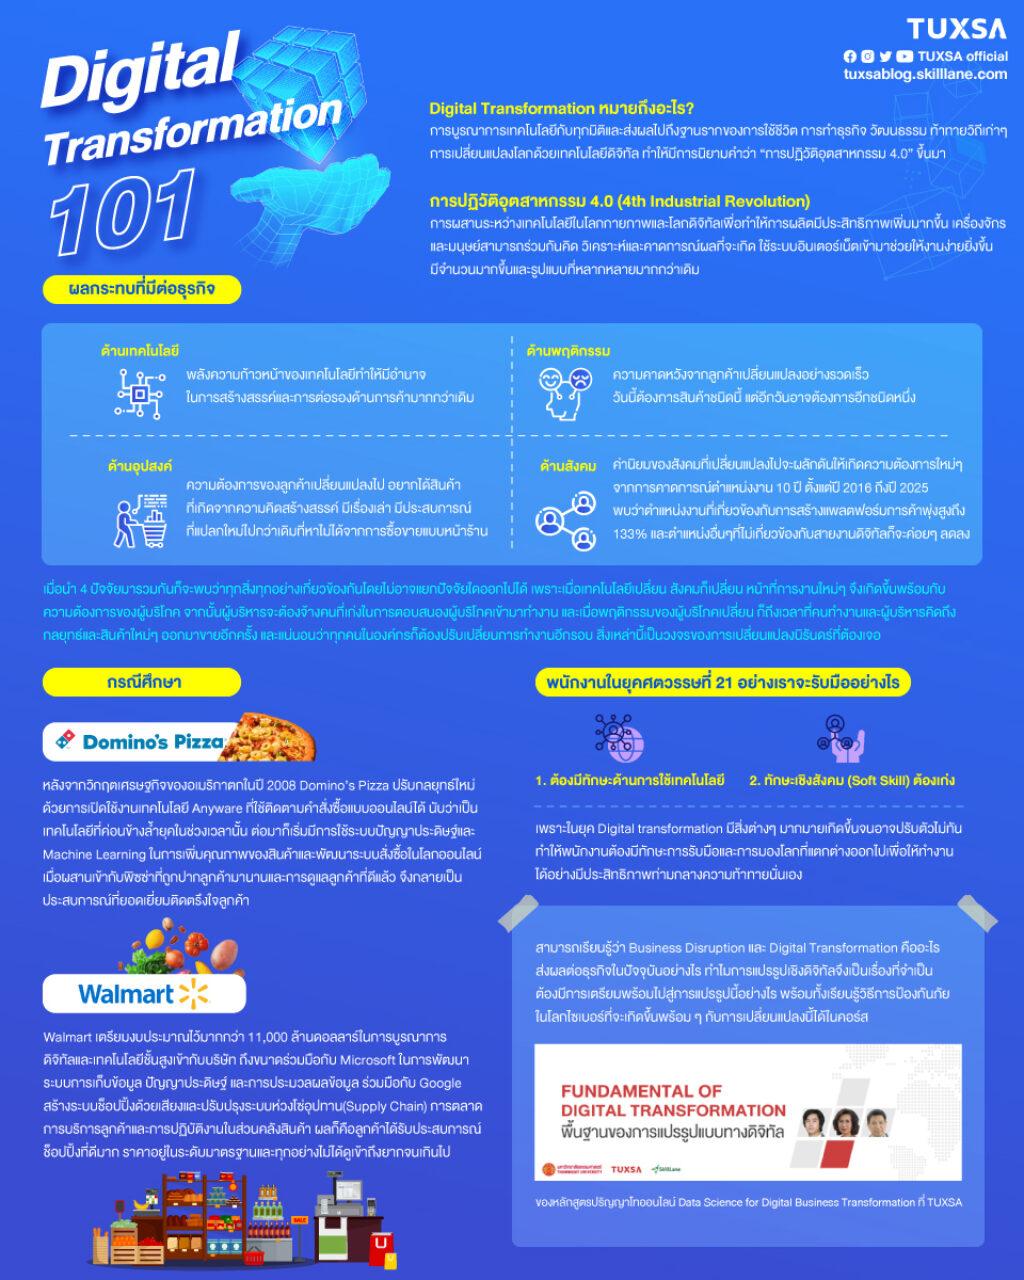 digital-transformation-101